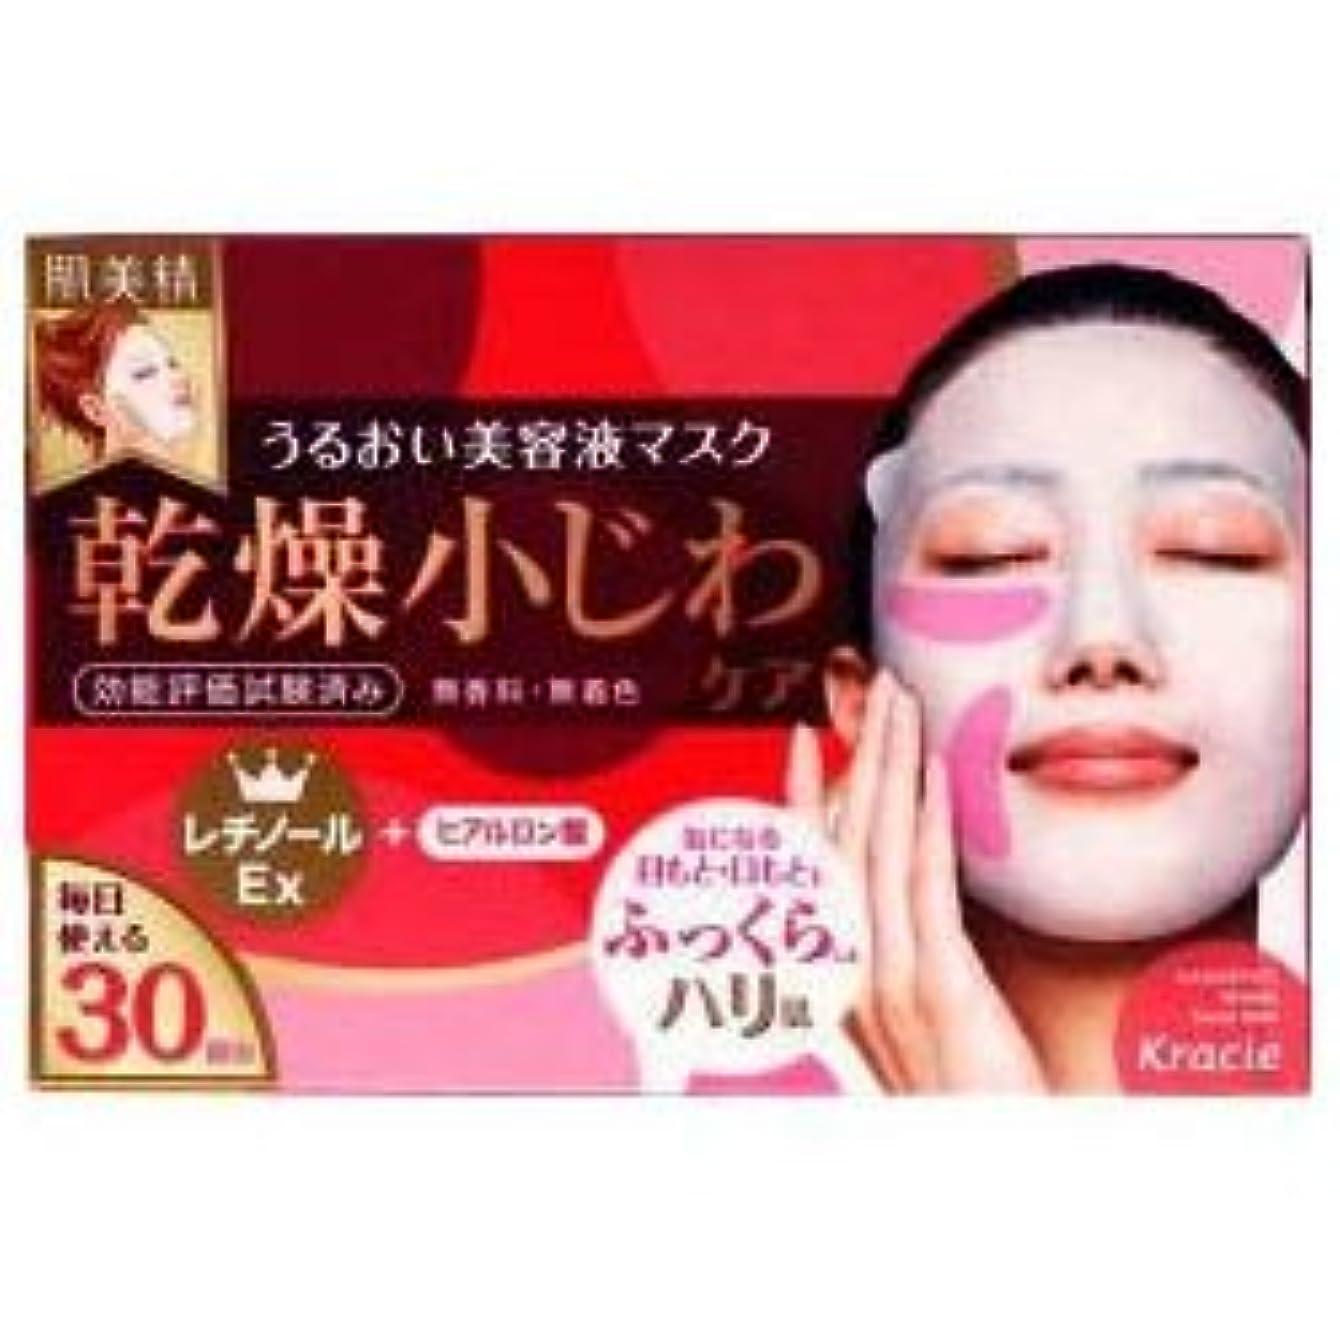 交流する意外正確【クラシエ】肌美精 デイリーリンクルケア美容液マスク 30枚 ×20個セット